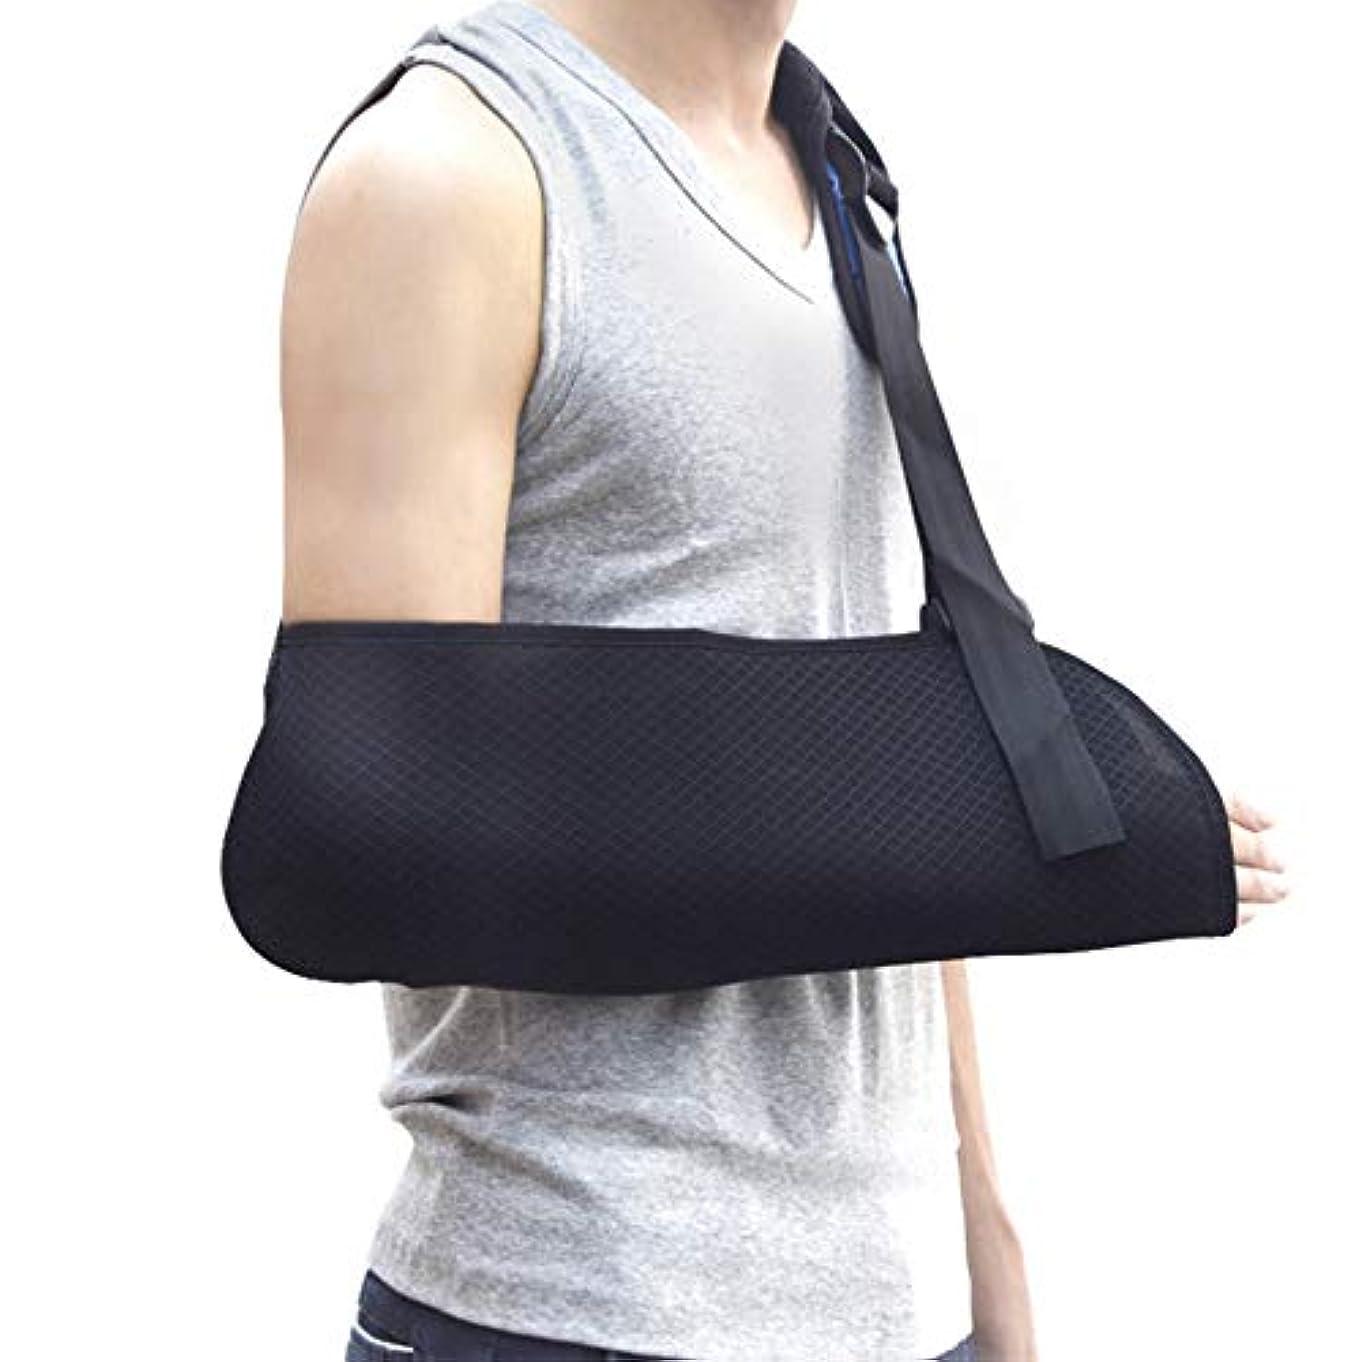 アルカイックアスレチック高尚な腕の吊り鎖 - 調節可能な肩ひもはひずみ、骨折、子供、大人のために適したのための軽量の 人間工学的の設計を固定しました